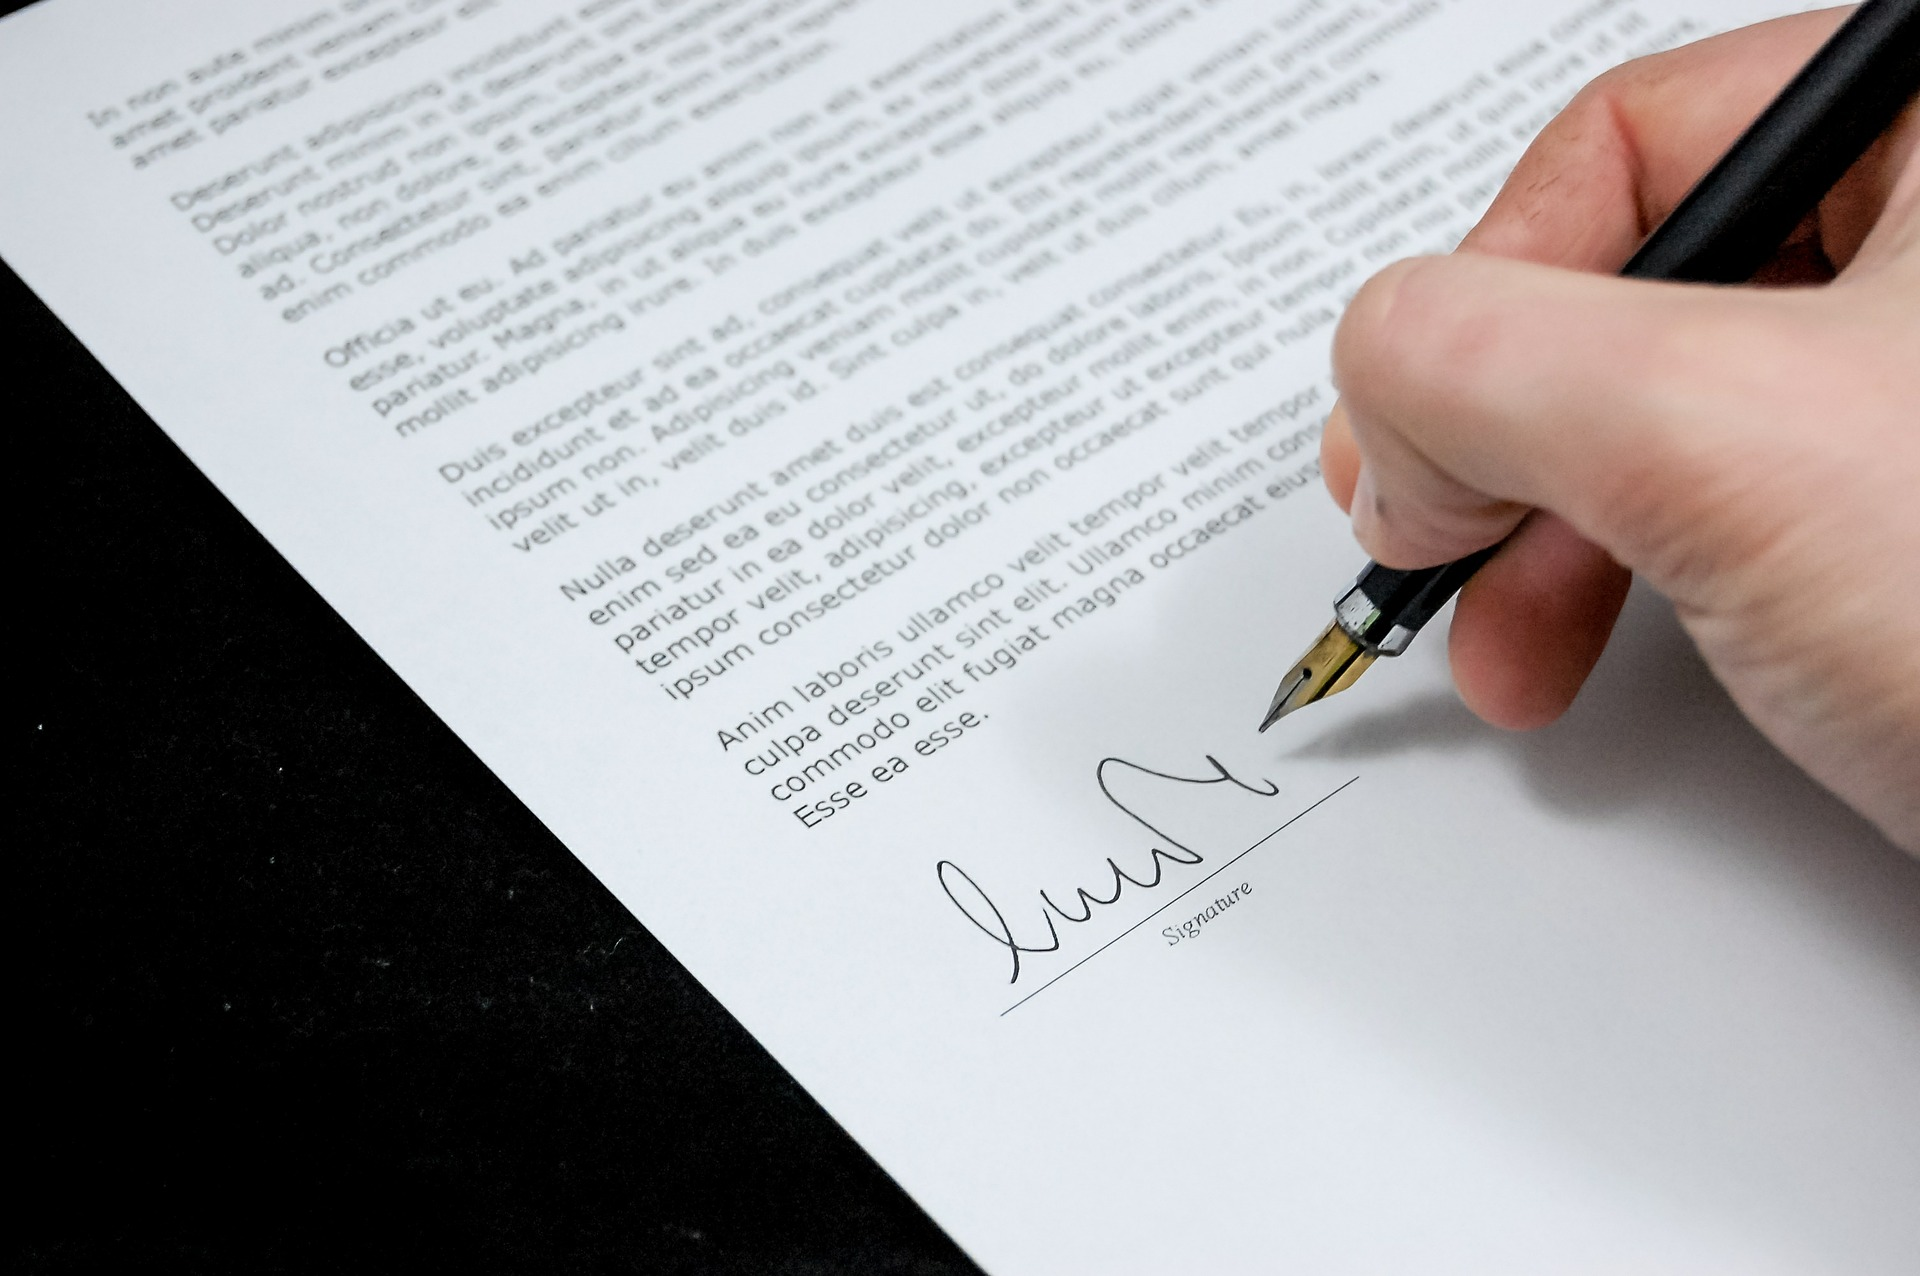 Der erste Schritt zum neuen Arbeitsvertrag ist das perfekte Bewerbungsfoto.